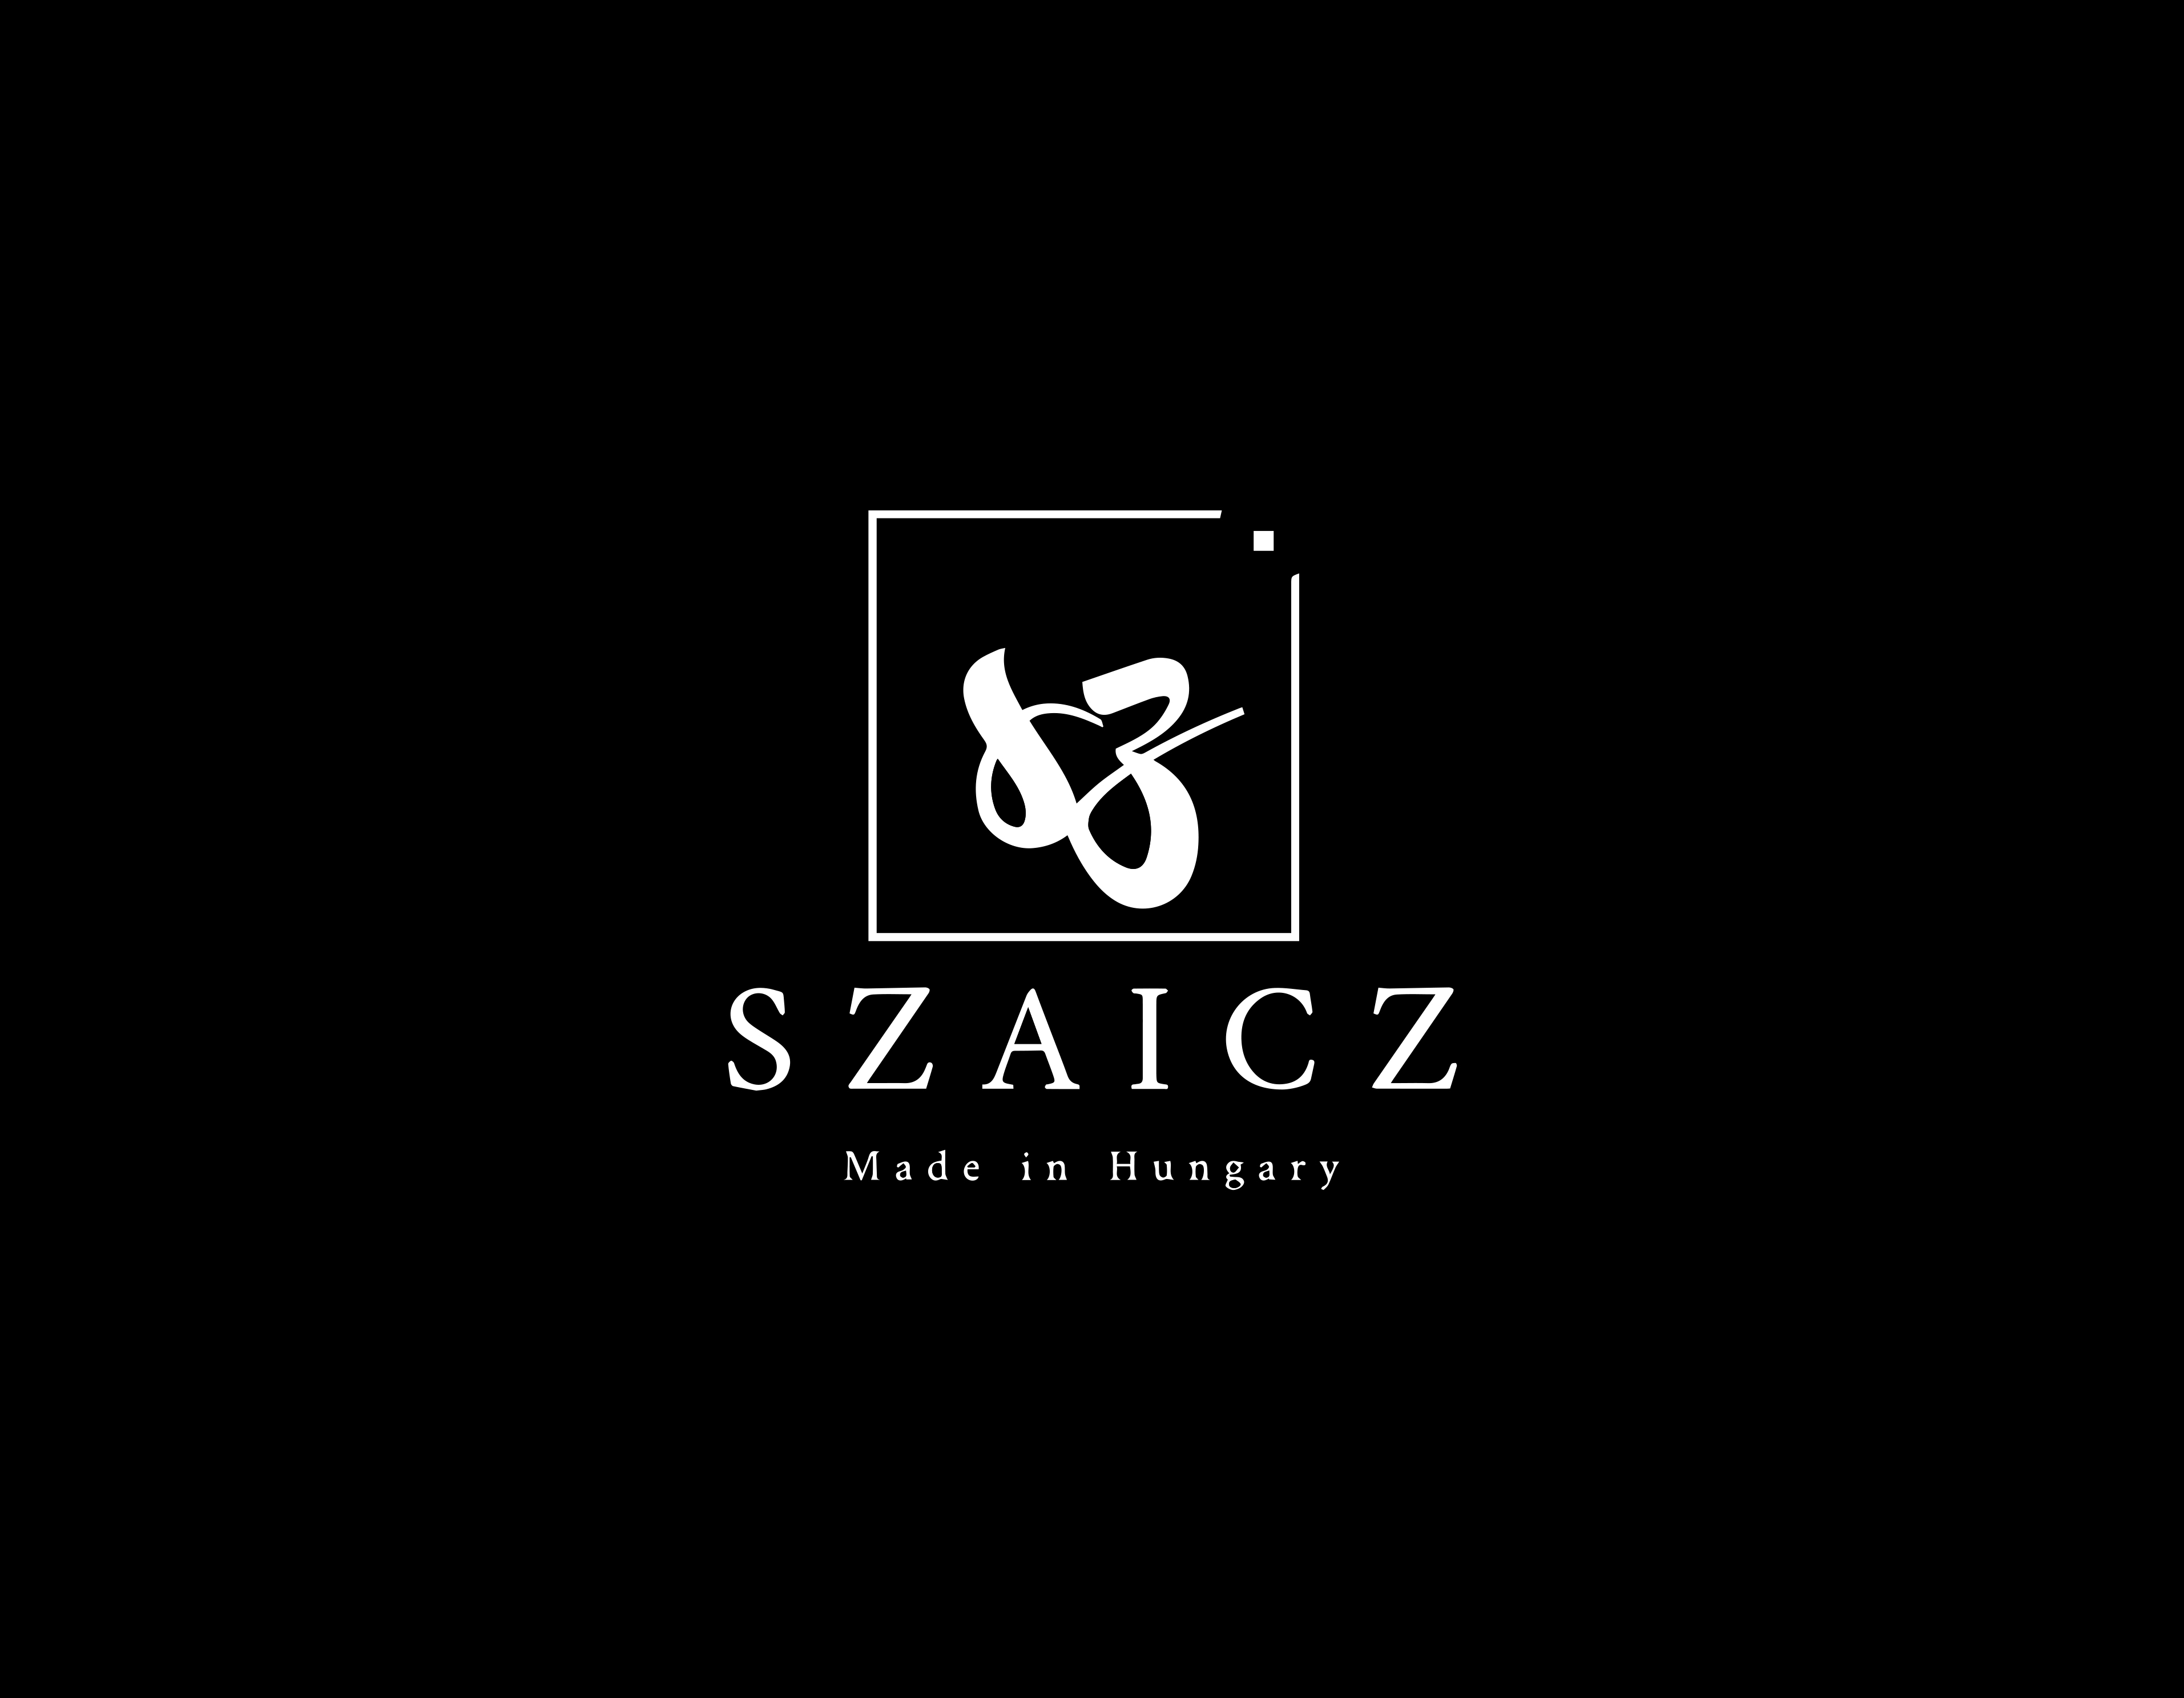 SZAICZ